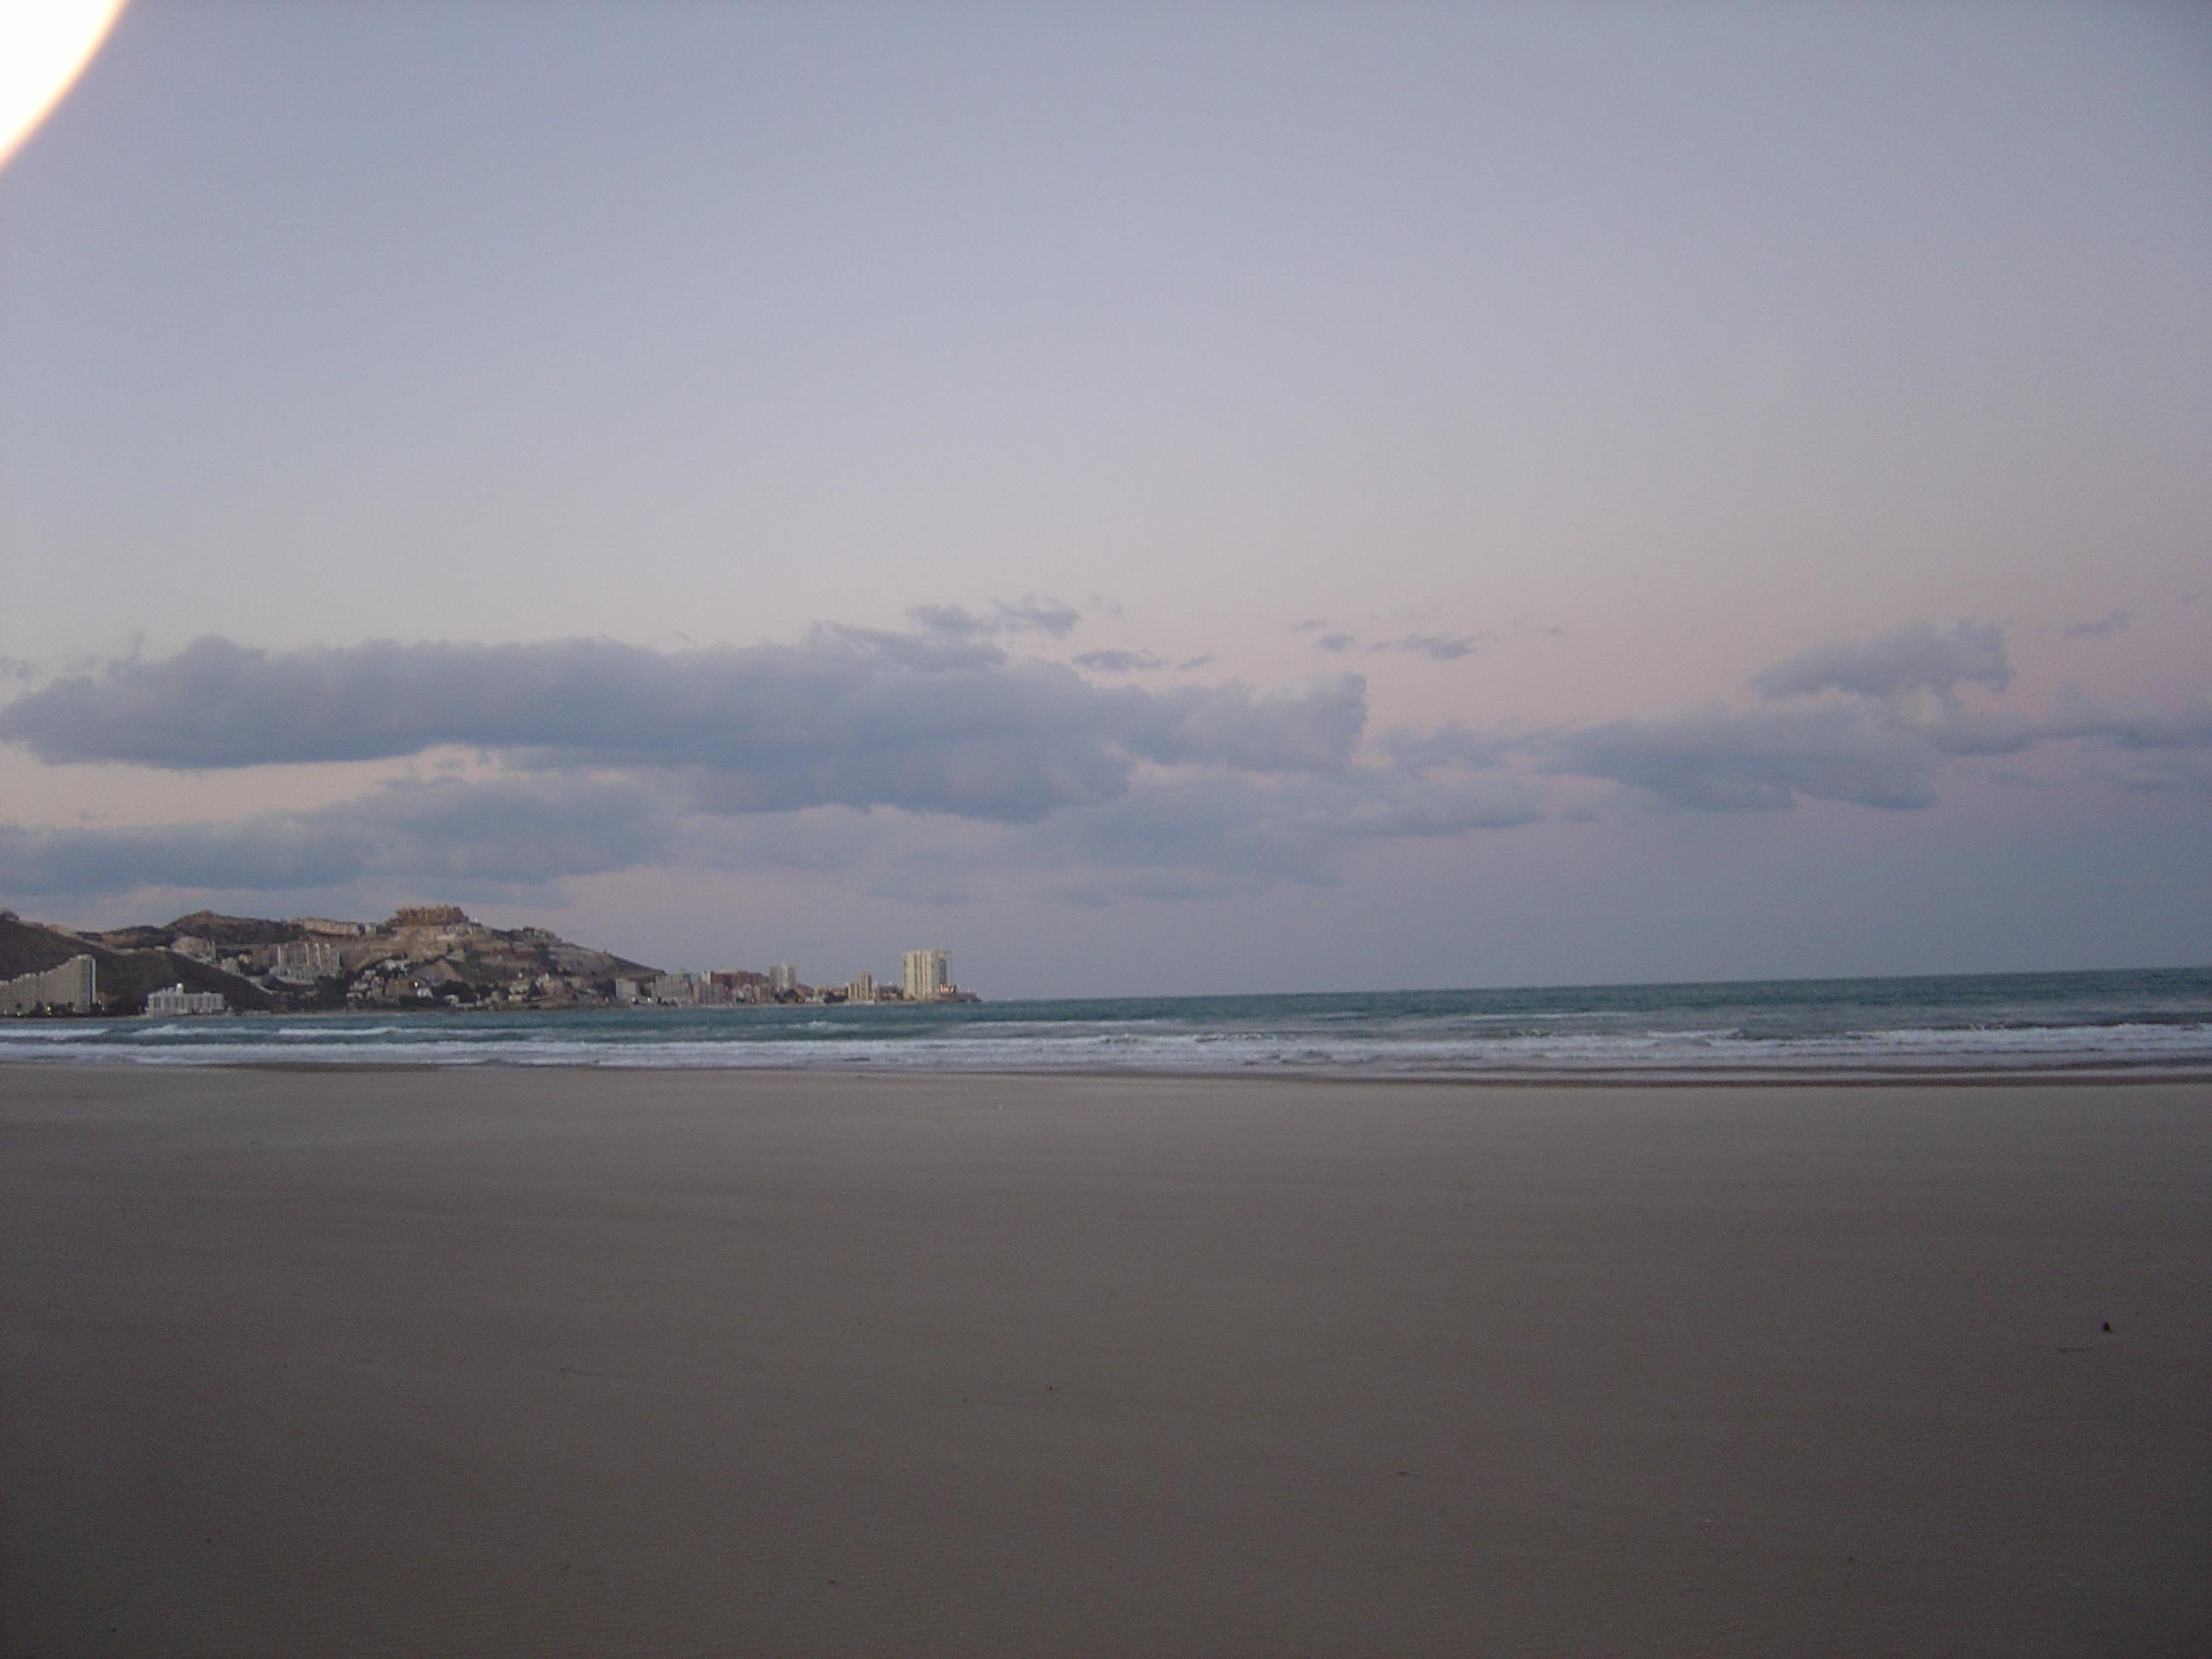 Playa Sant Antoni / San Antonio